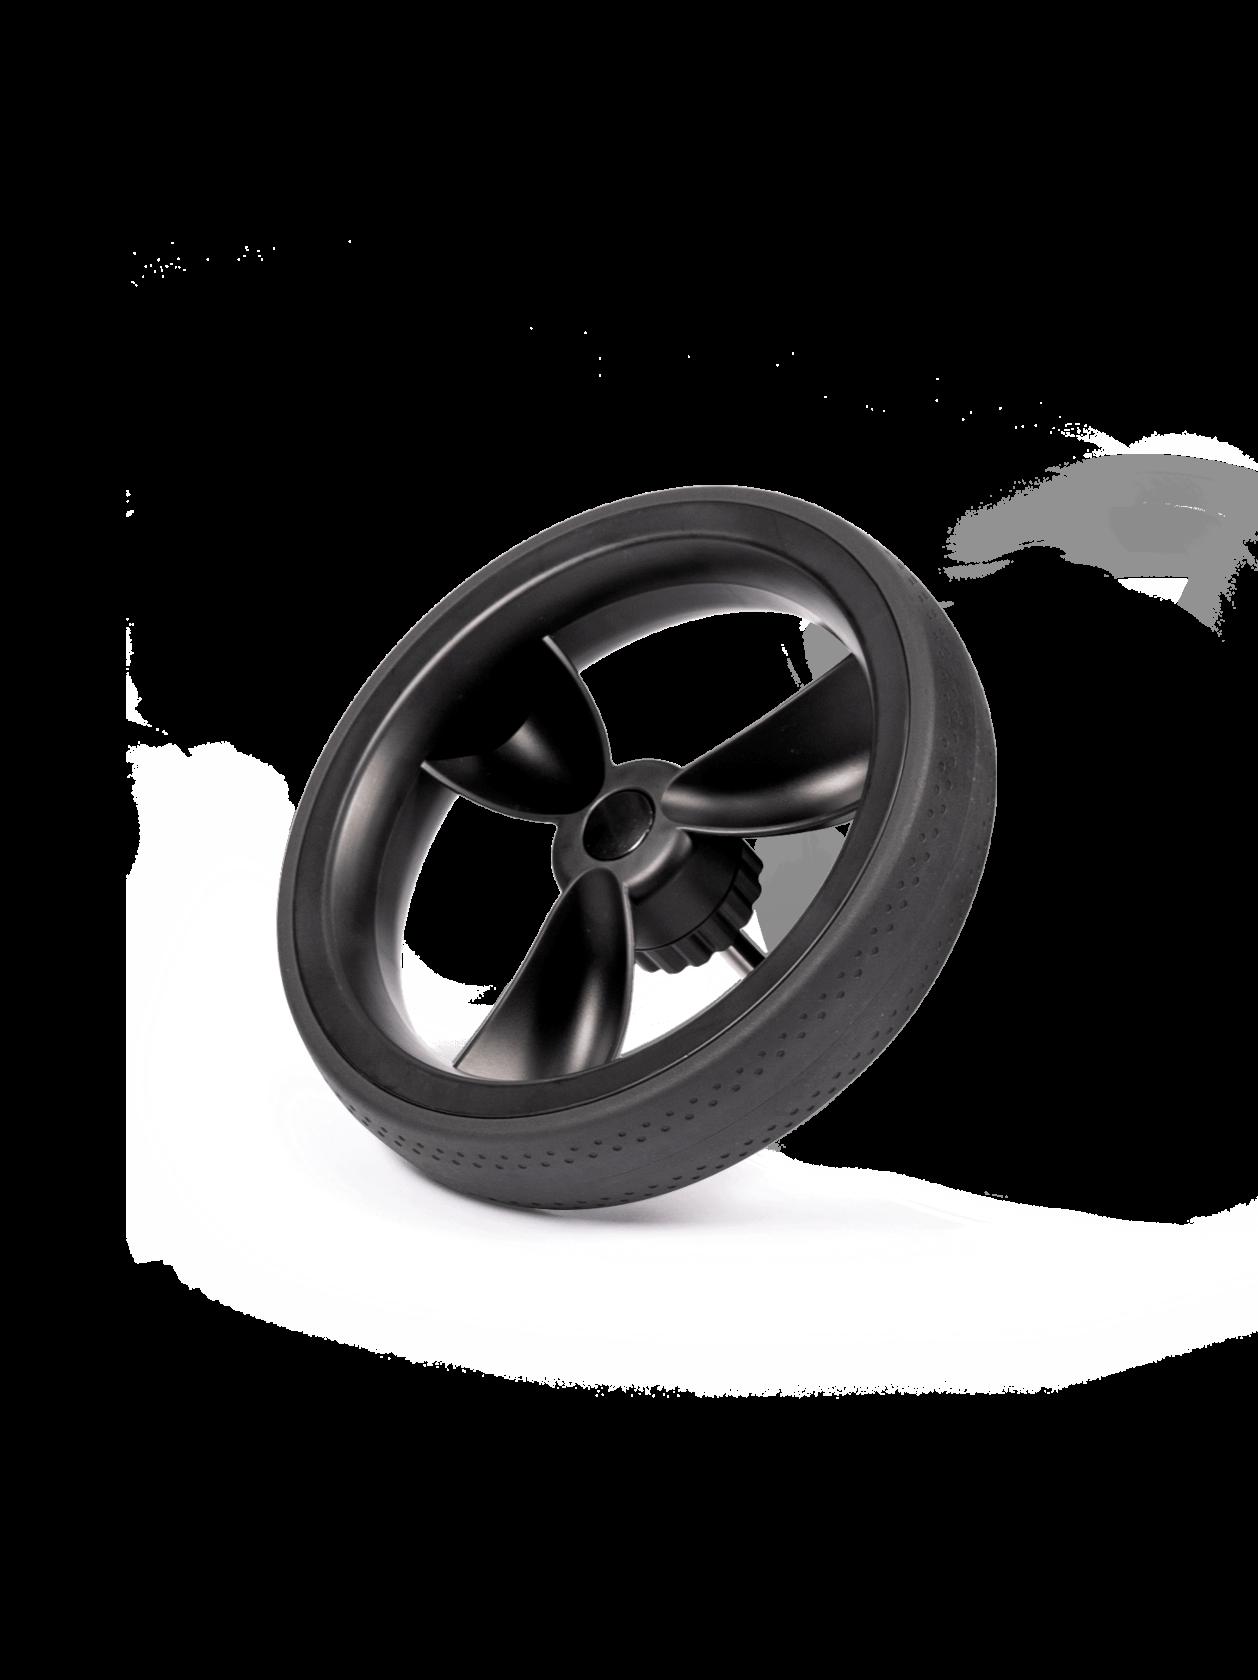 Peach 2018 Rear Wheel (PU)